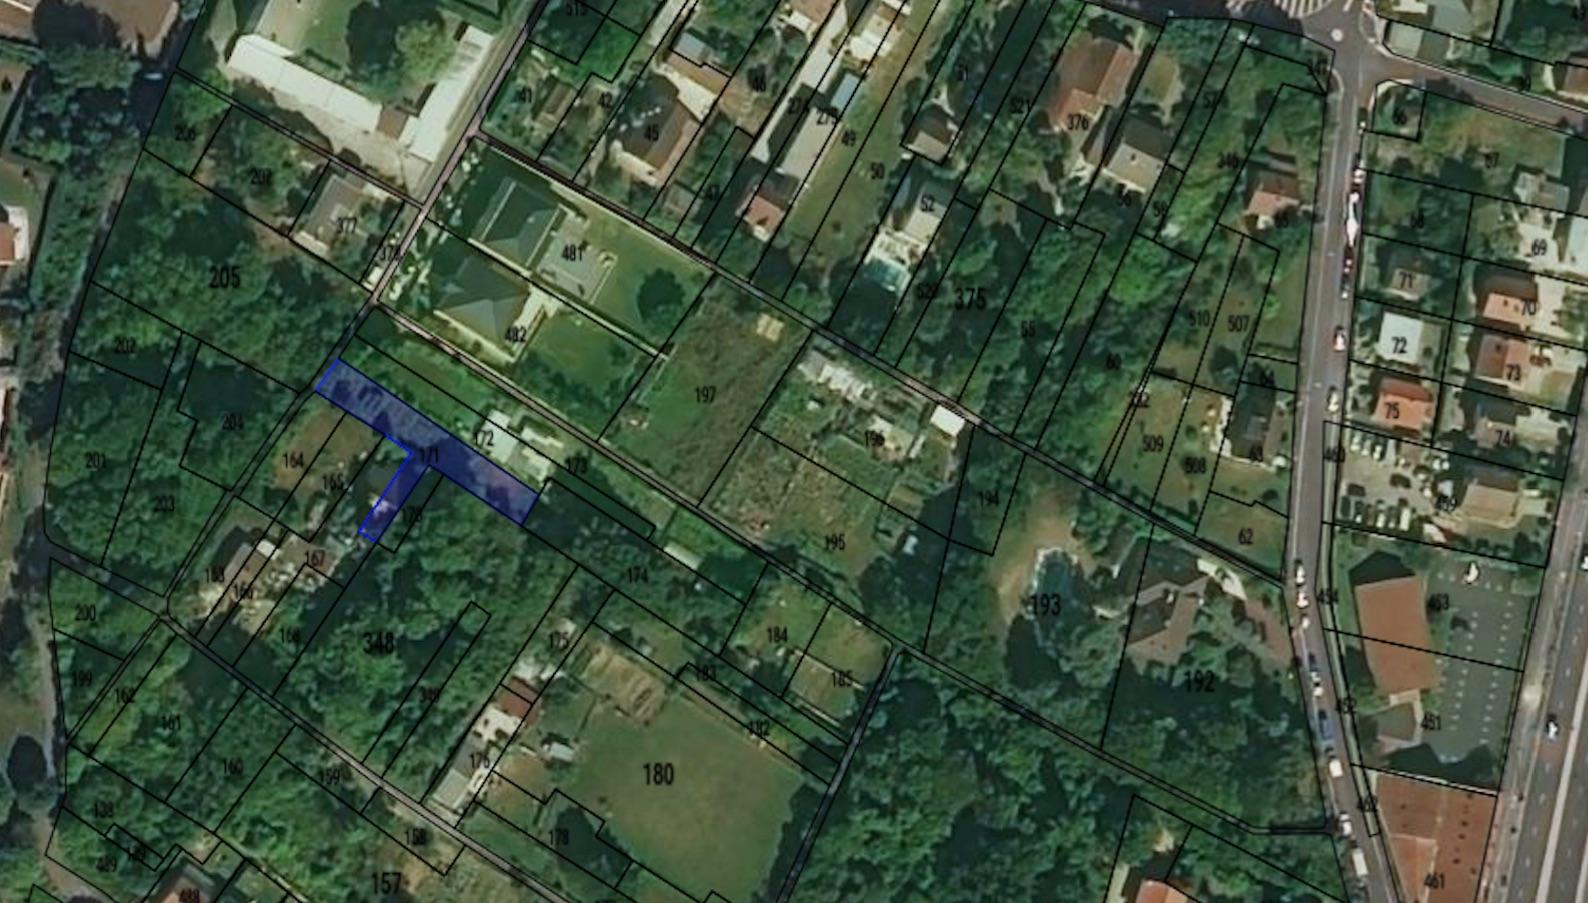 VILLIERS-LE-BEL, ,terrain «terrain»,A Vendre,1111